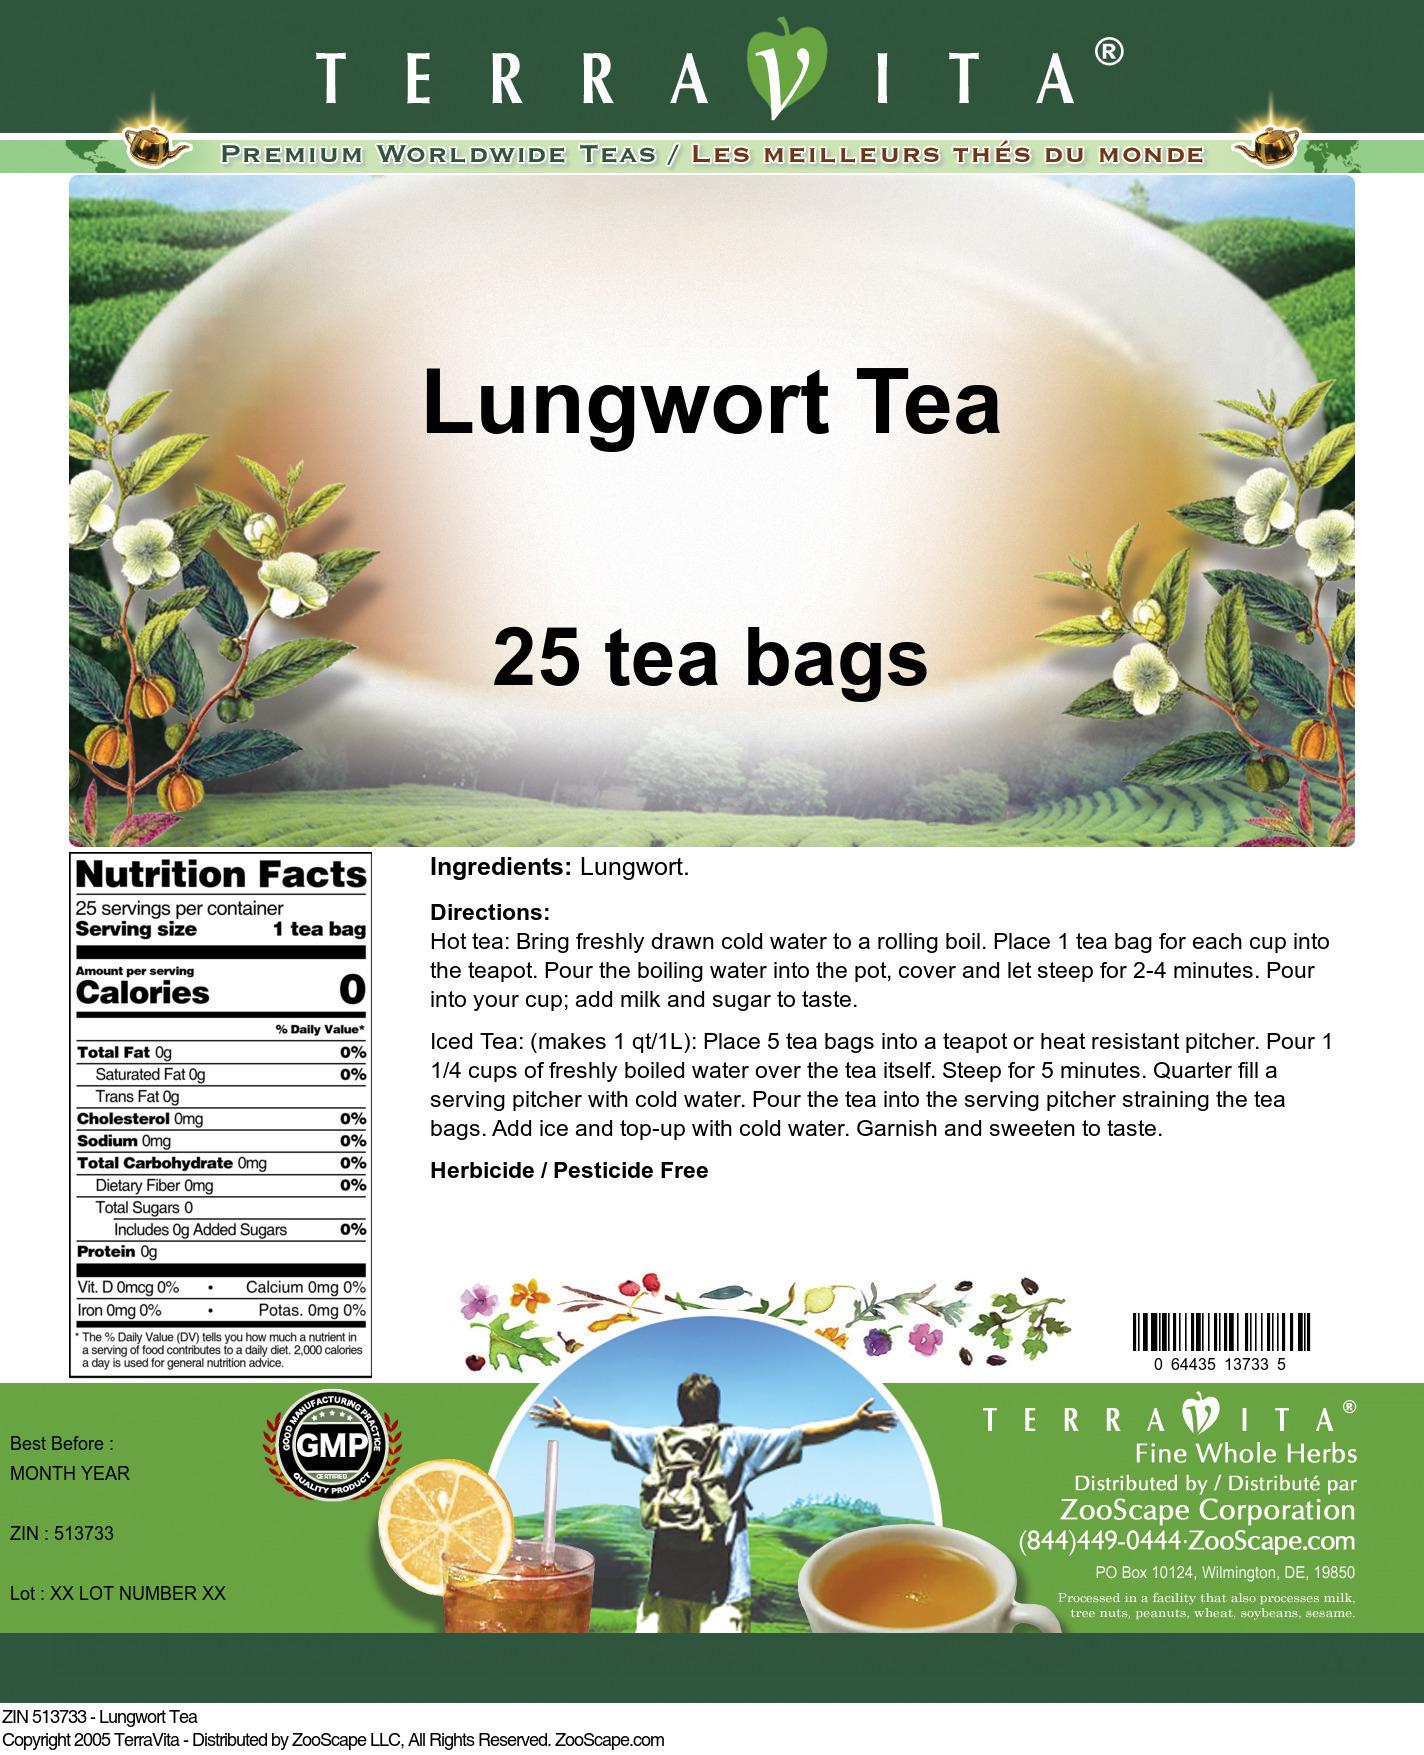 Lungwort Tea